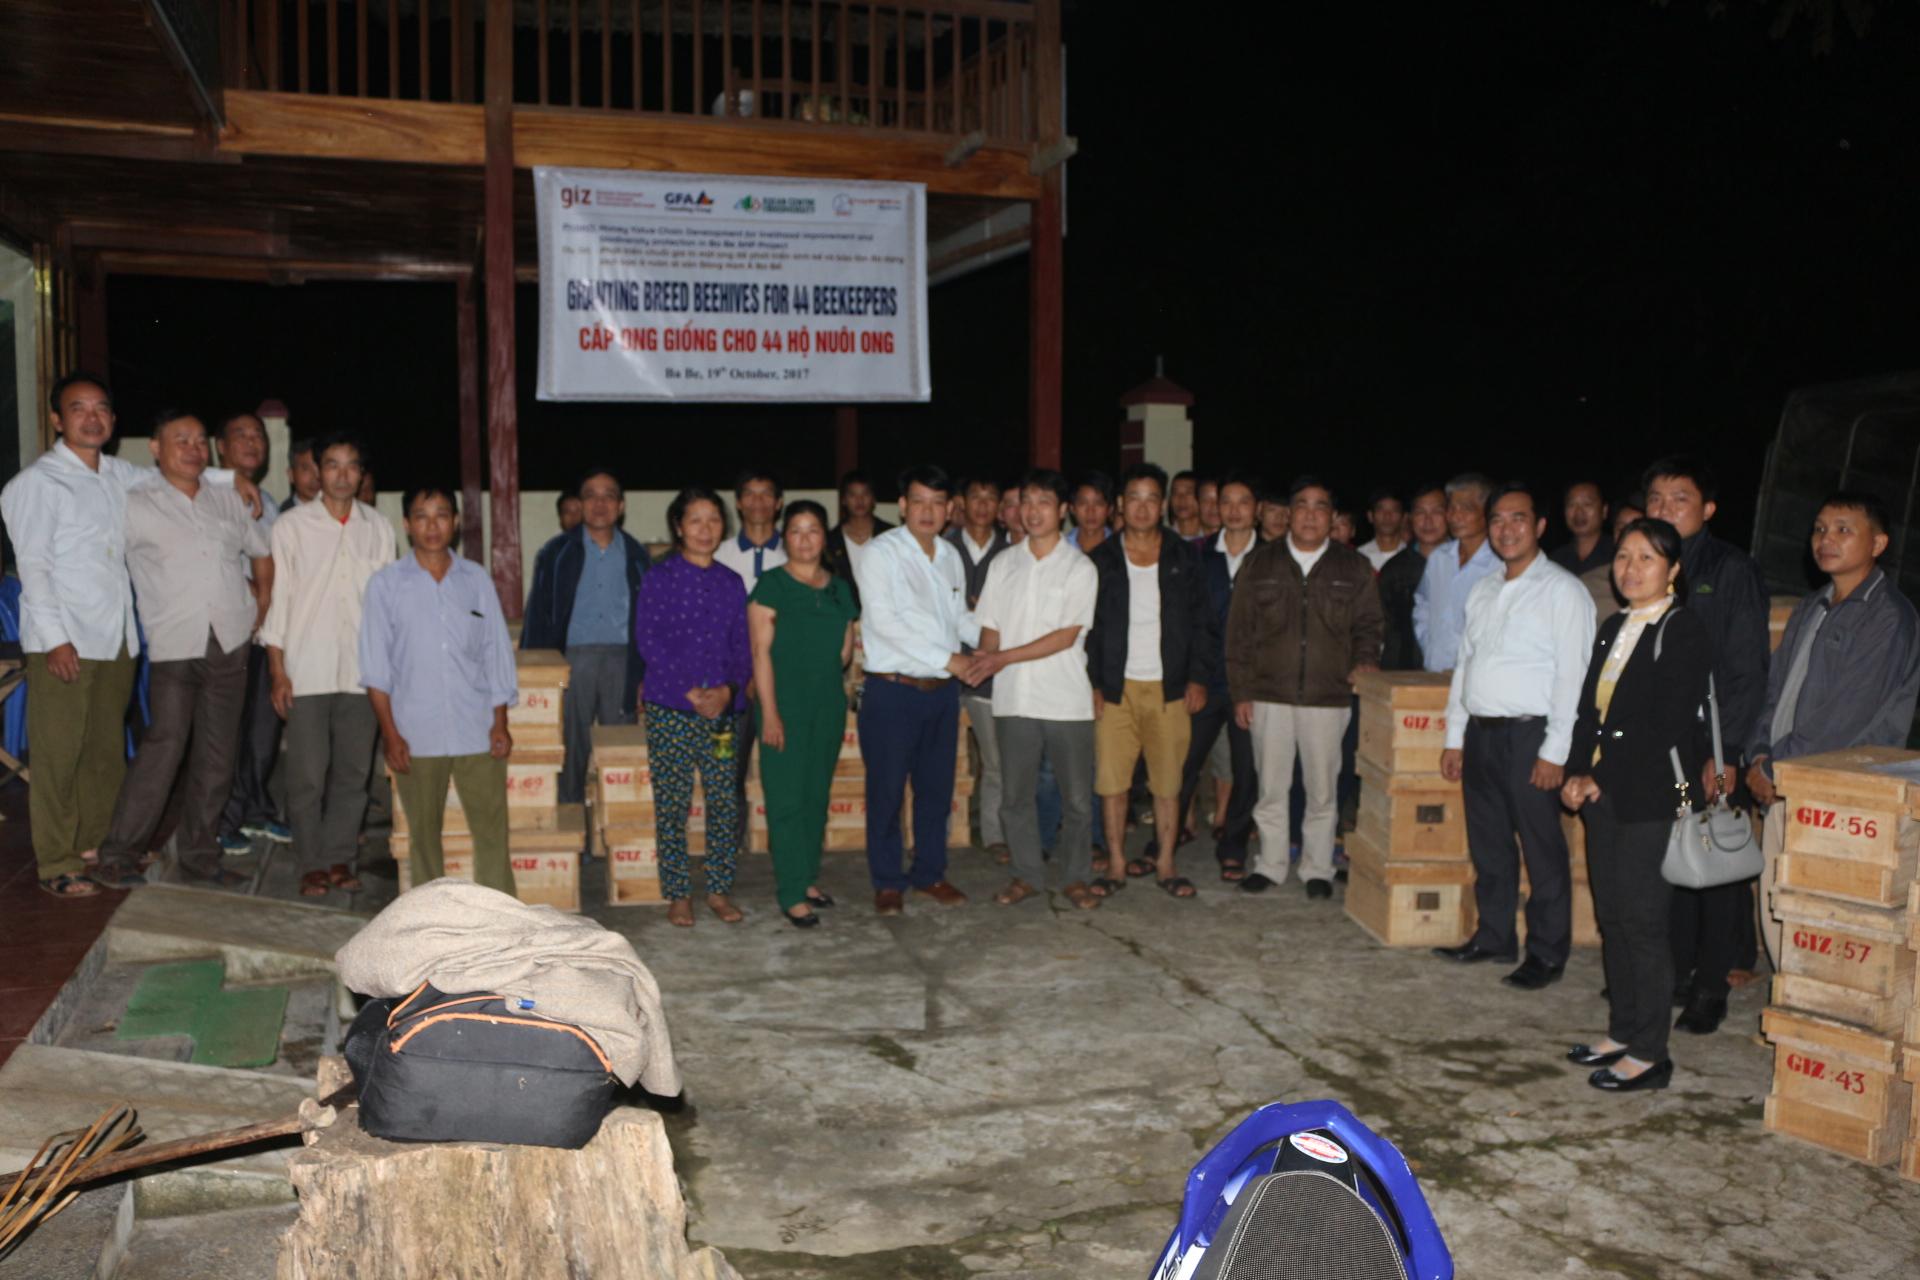 Ông Nguyễn Văn Hiểu Phụ trách dự án Giao ong cho 44 hộ